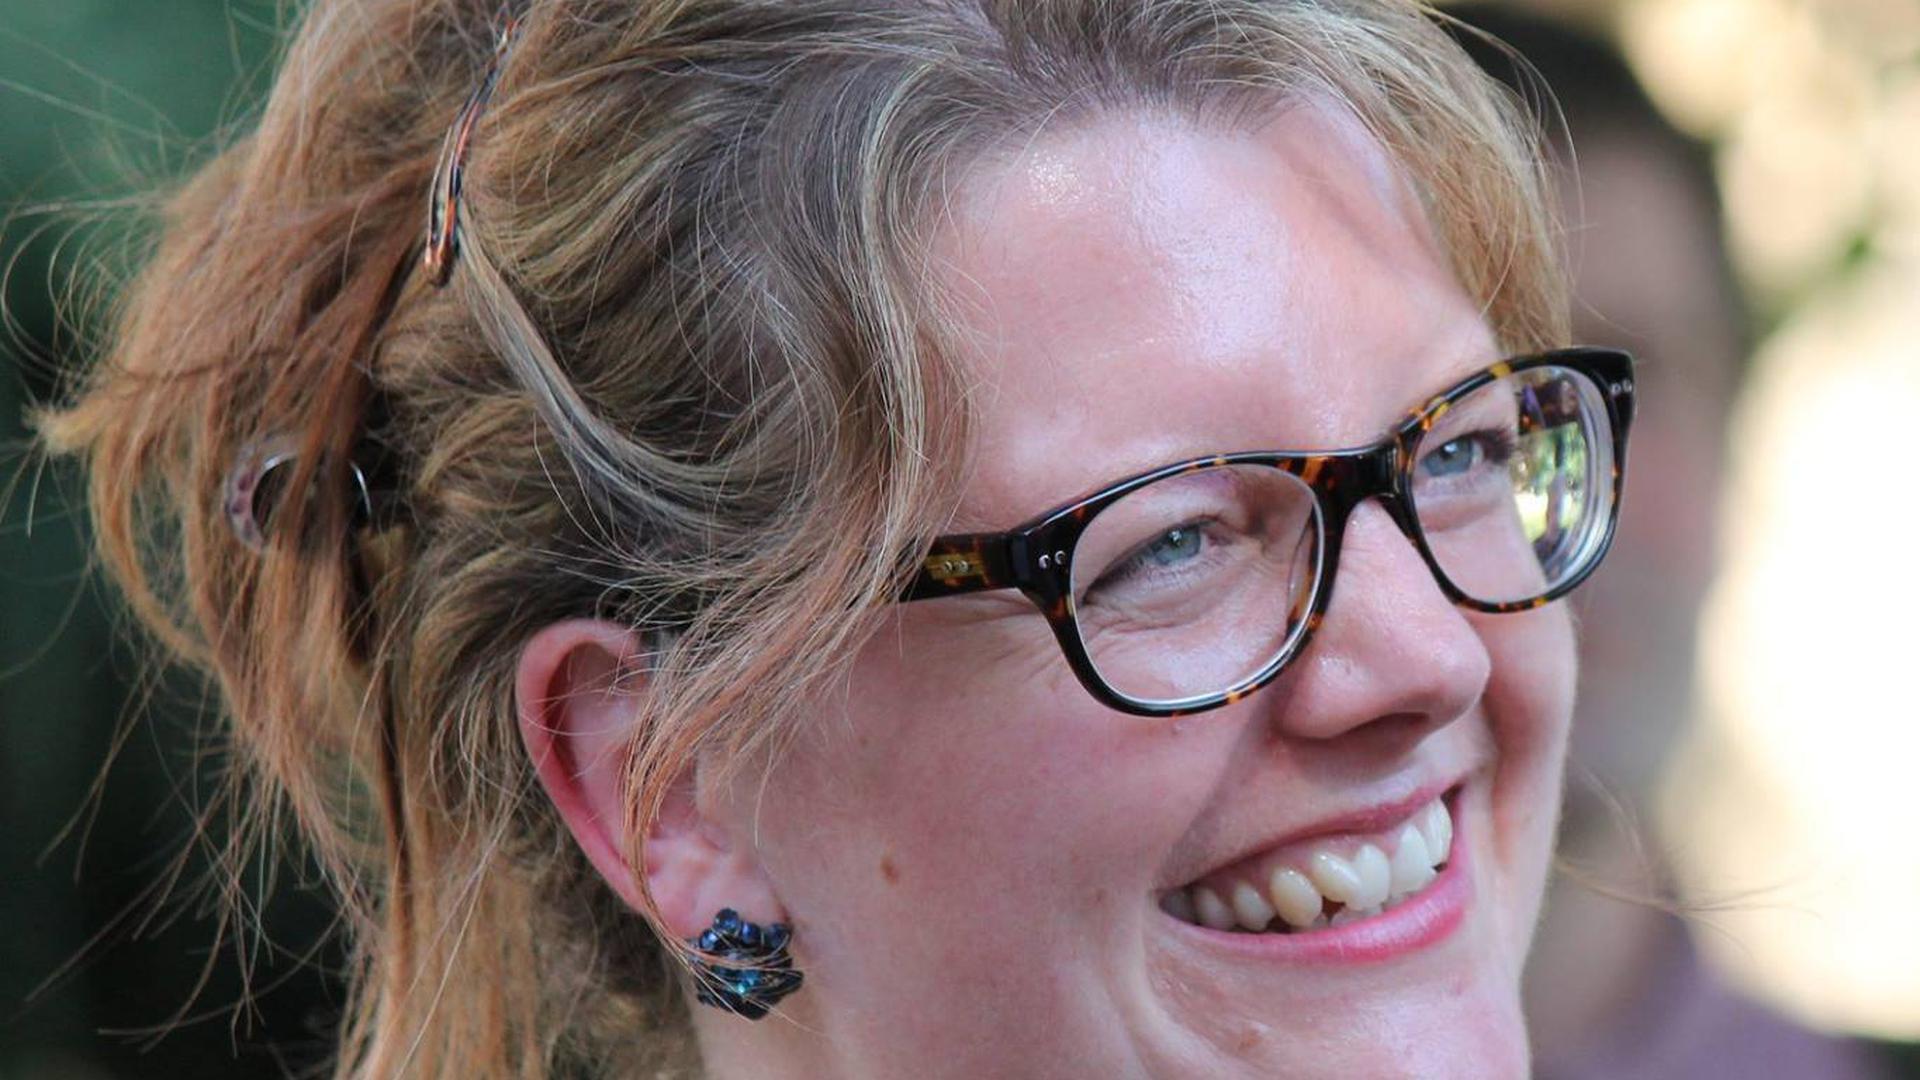 Meike Trojanski, Pastoralreferentin der Seelsorgeeinheit Allerheiligen in Karlsruhe